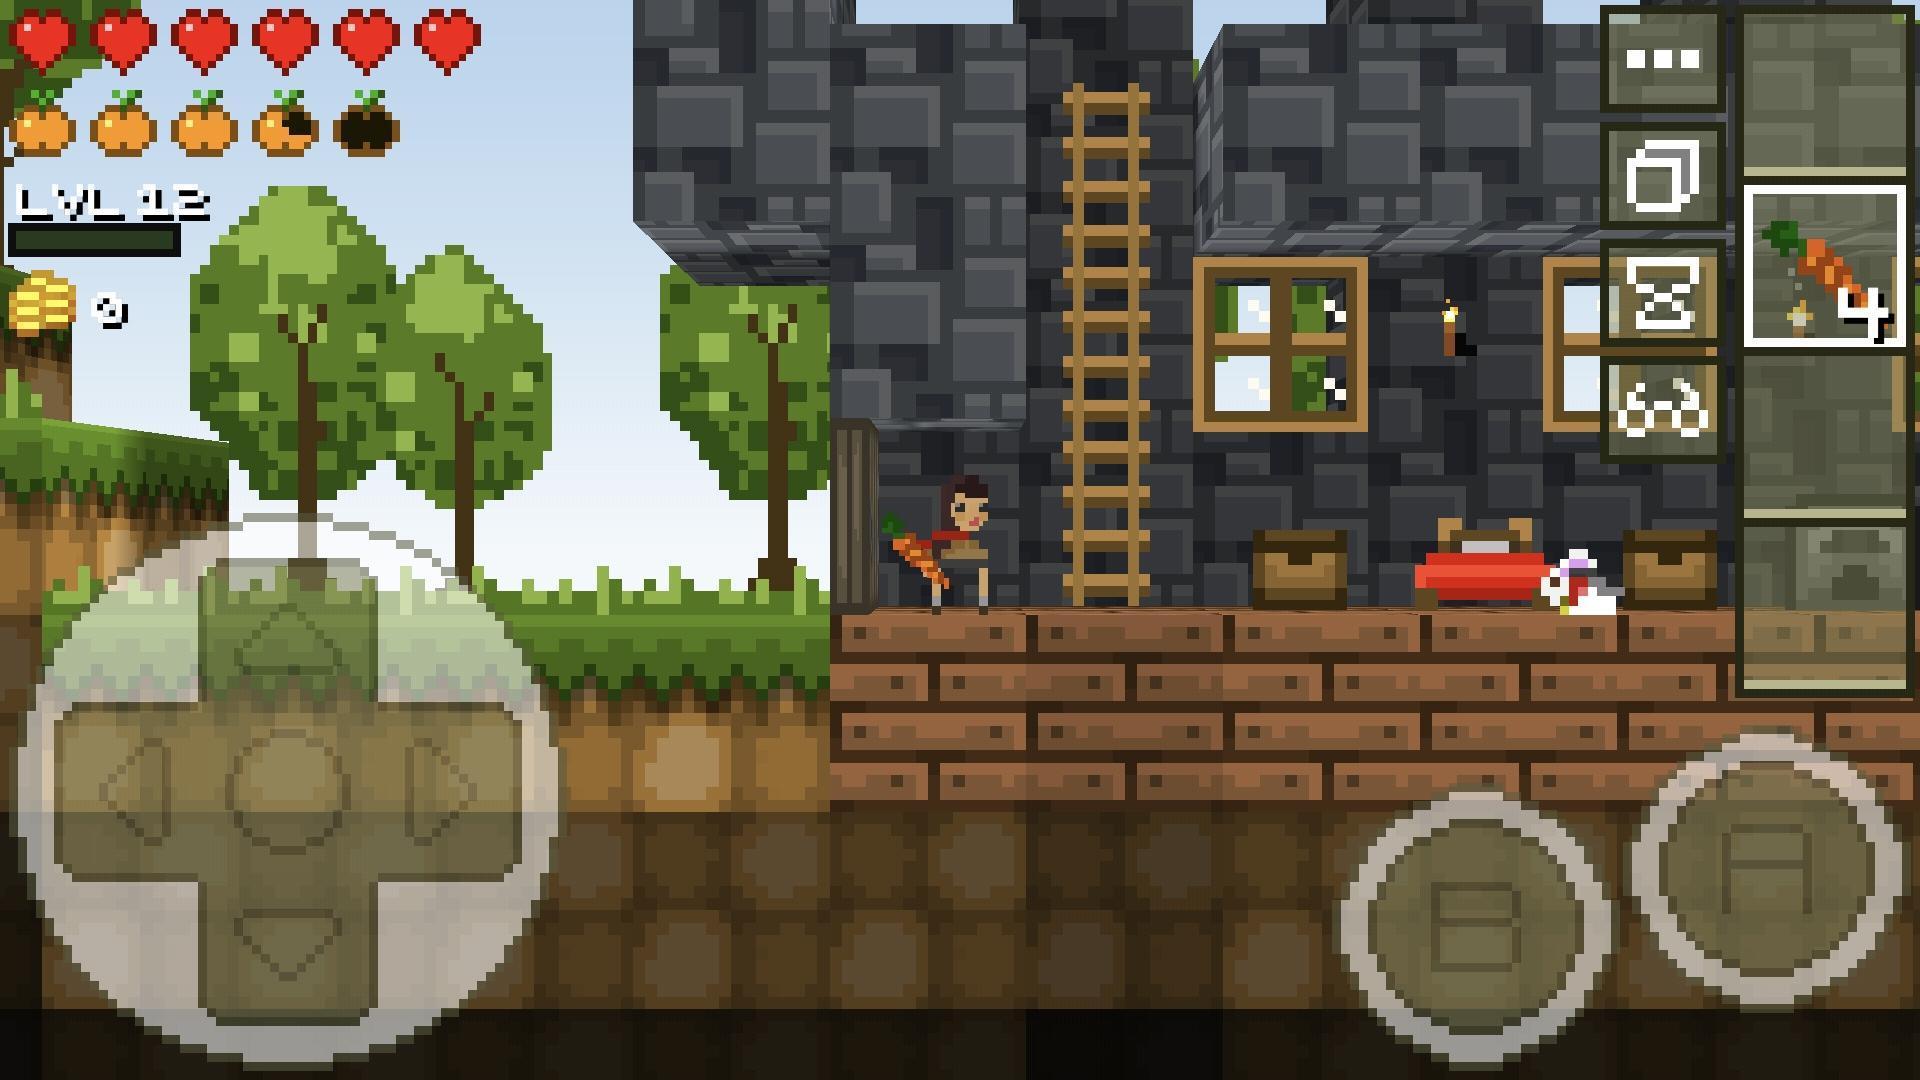 LostMiner Block Building & Craft Game v1.4.2a Screenshot 5